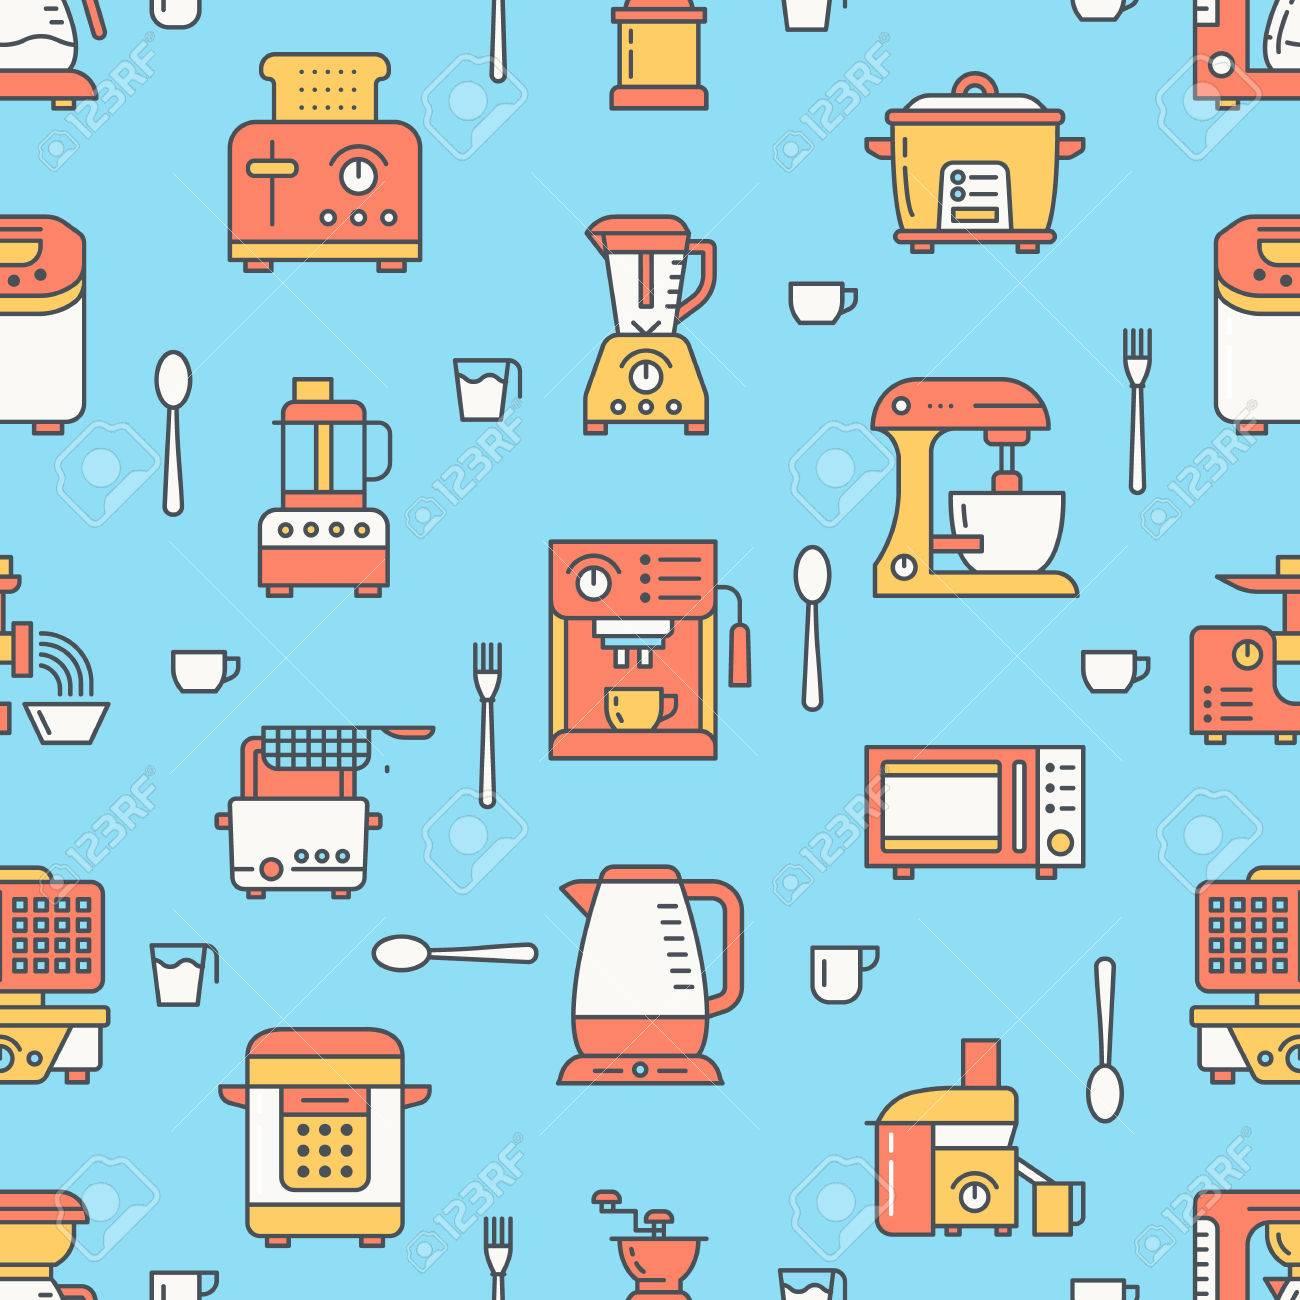 Ustensiles De Cuisine Les Petits Appareils Colores Des Icones En